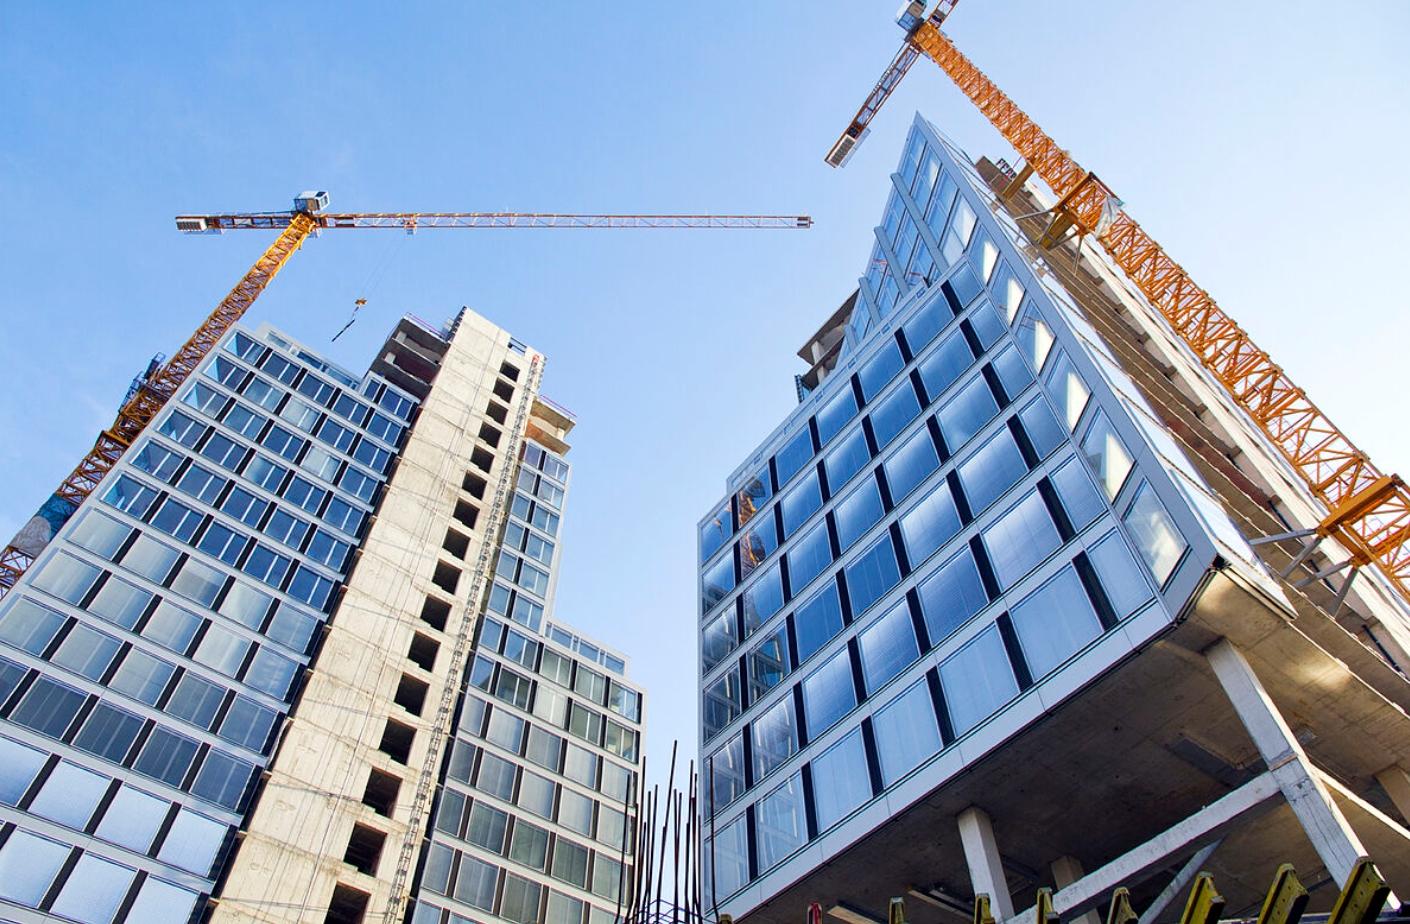 El sector de la construcción vuelve con fuerza... también en Málaga 1